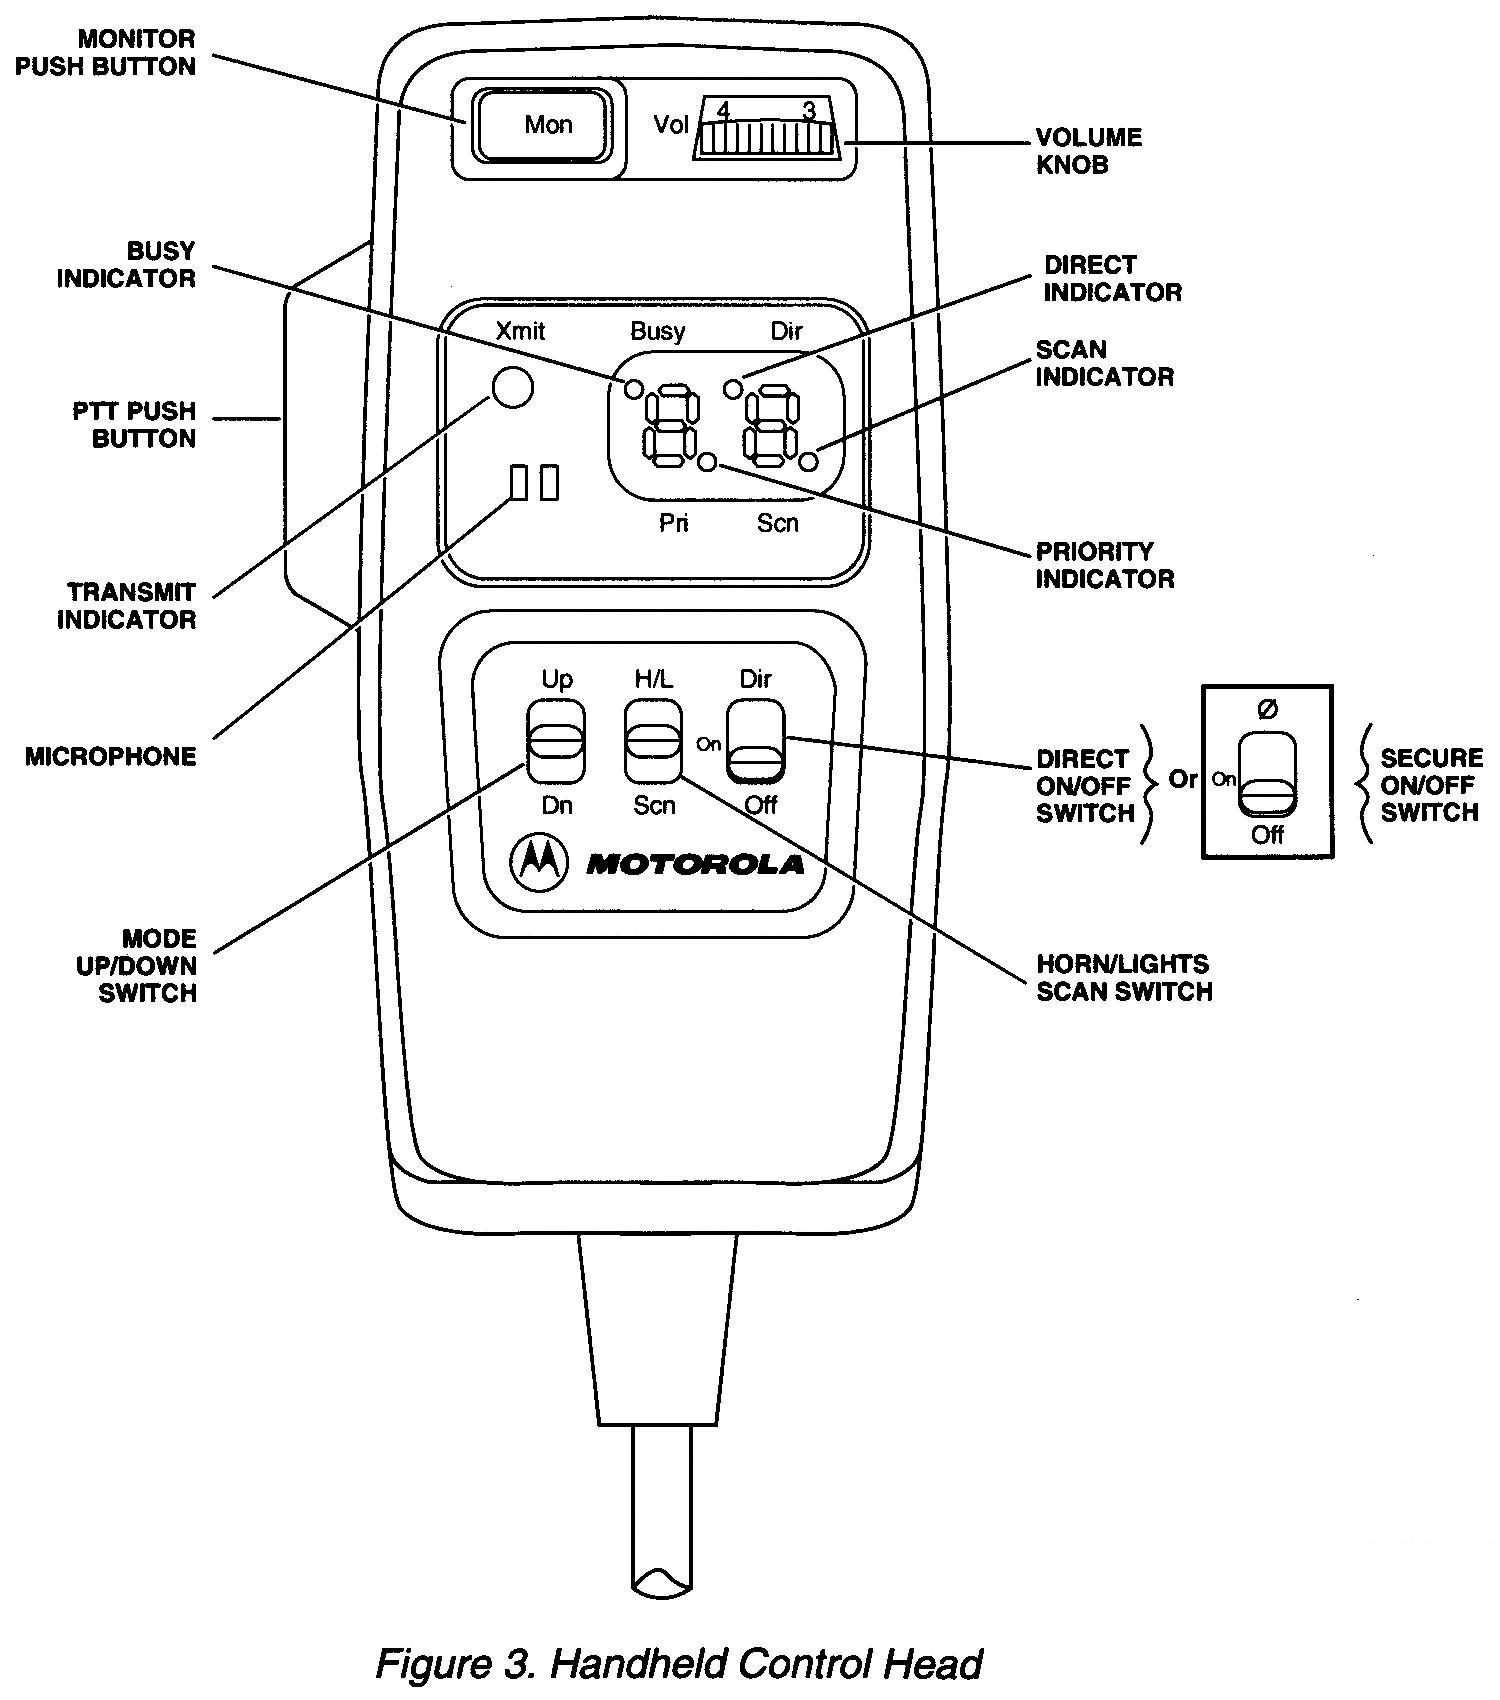 titans 70 welding machine wiring diagram